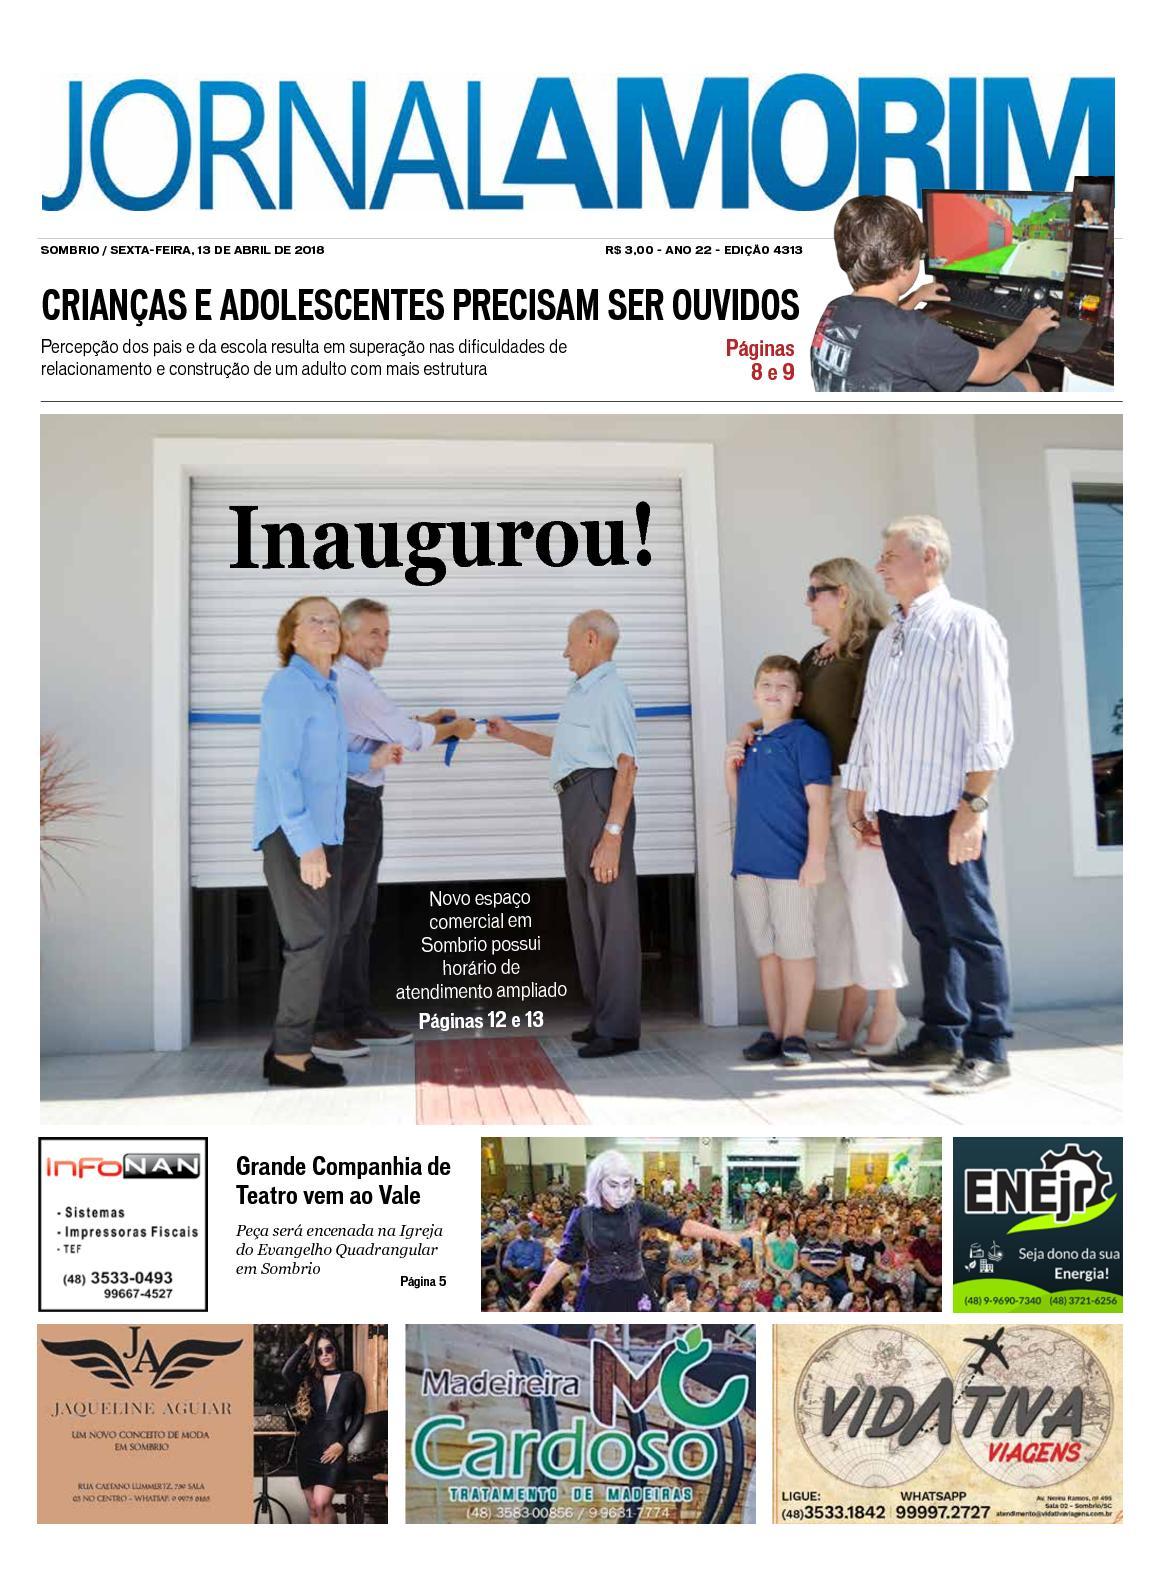 5d9879d3b Calaméo - Jornal Amorim - 13-04-18